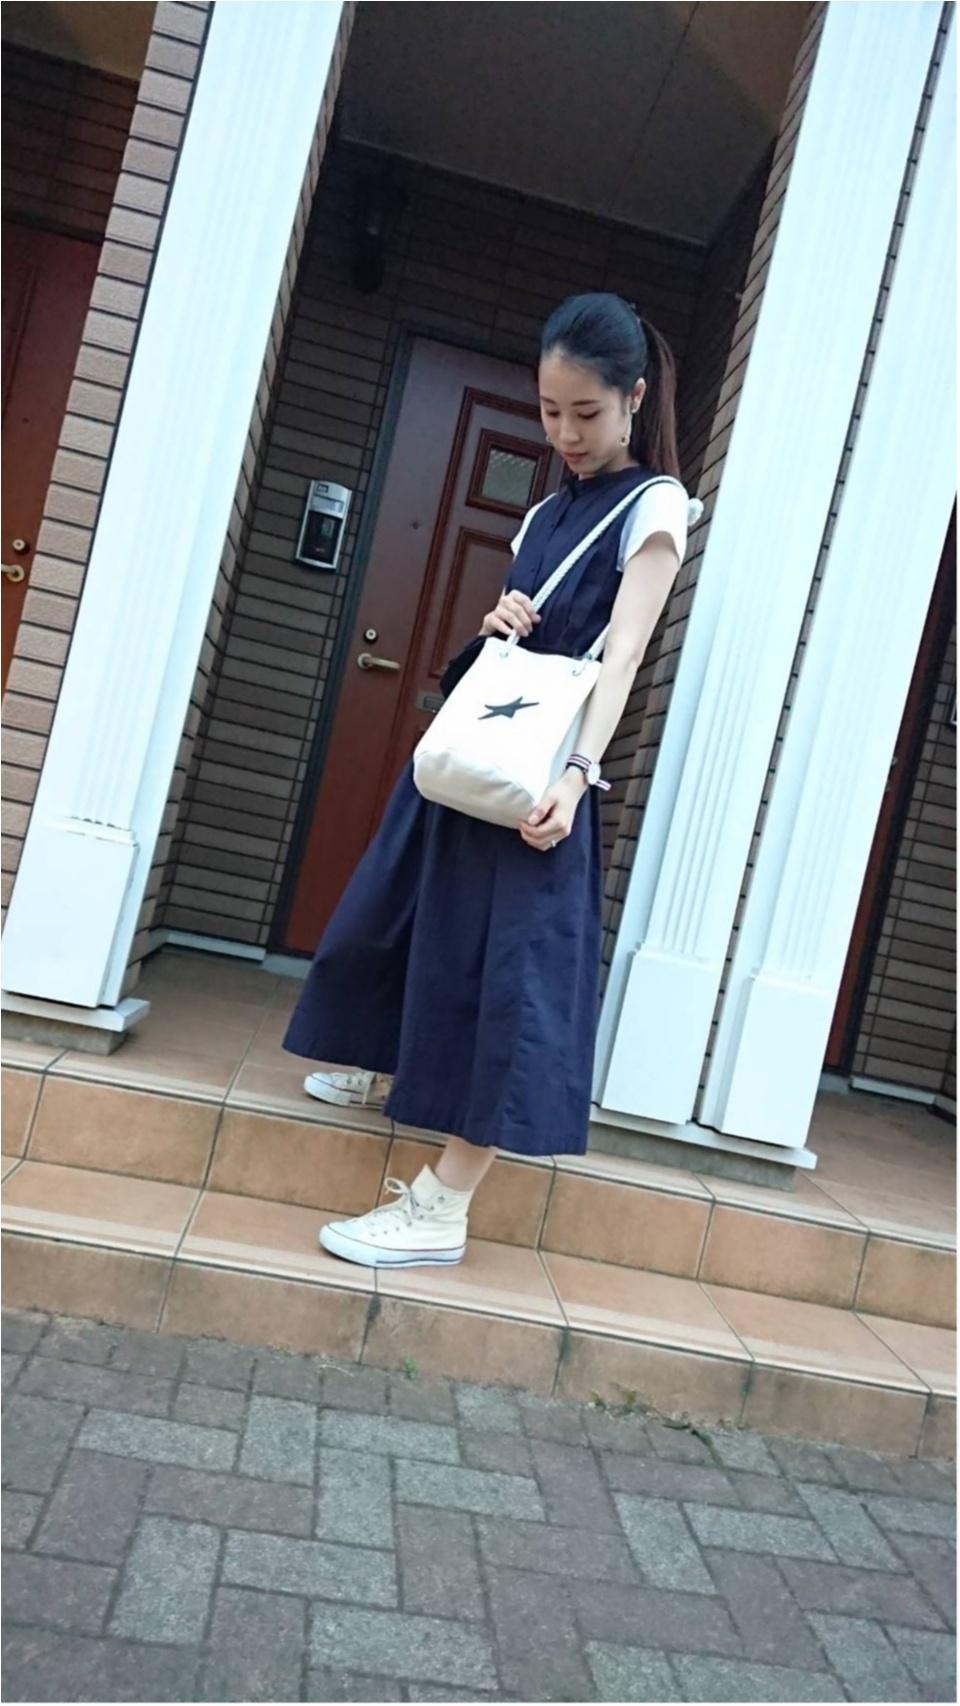 みんなどんなバッグ使ってるの? 憧れブランドもまとめて「愛用バッグ」まとめ♡♡_1_25